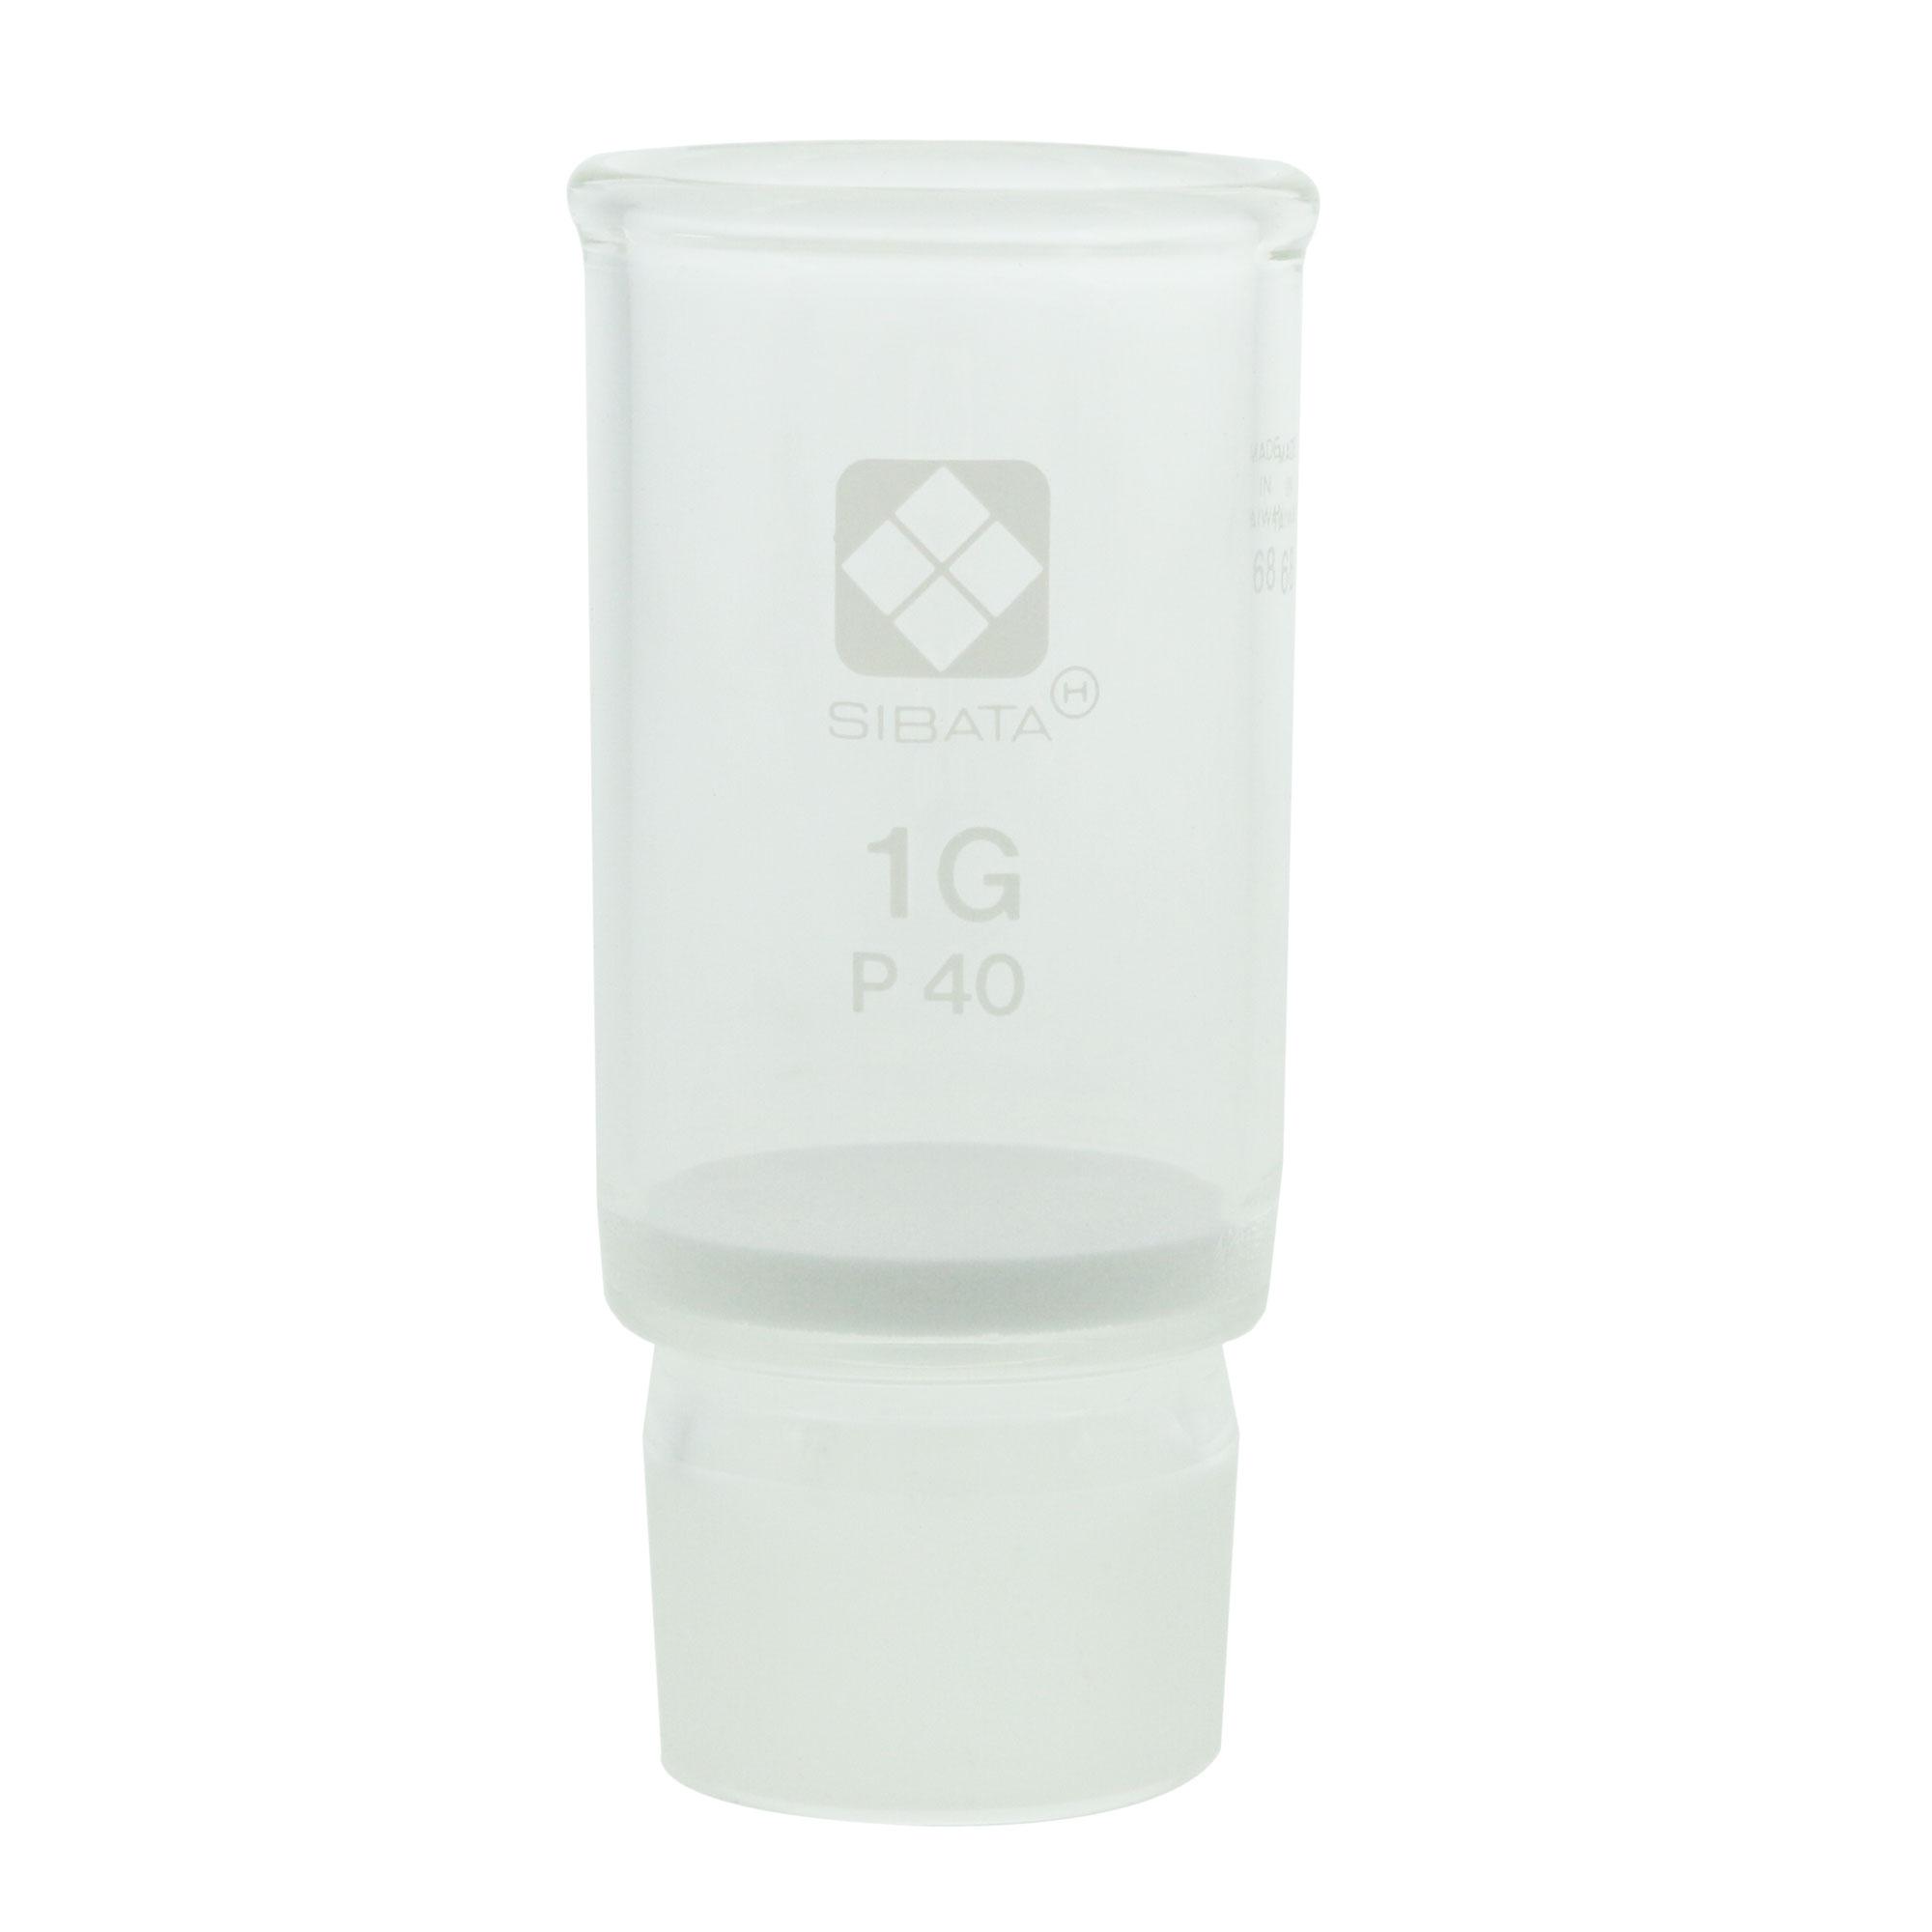 013070-140 共通摺合ガラスろ過器 1G るつぼ形 分離足式 P40 柴田科学(SIBATA)